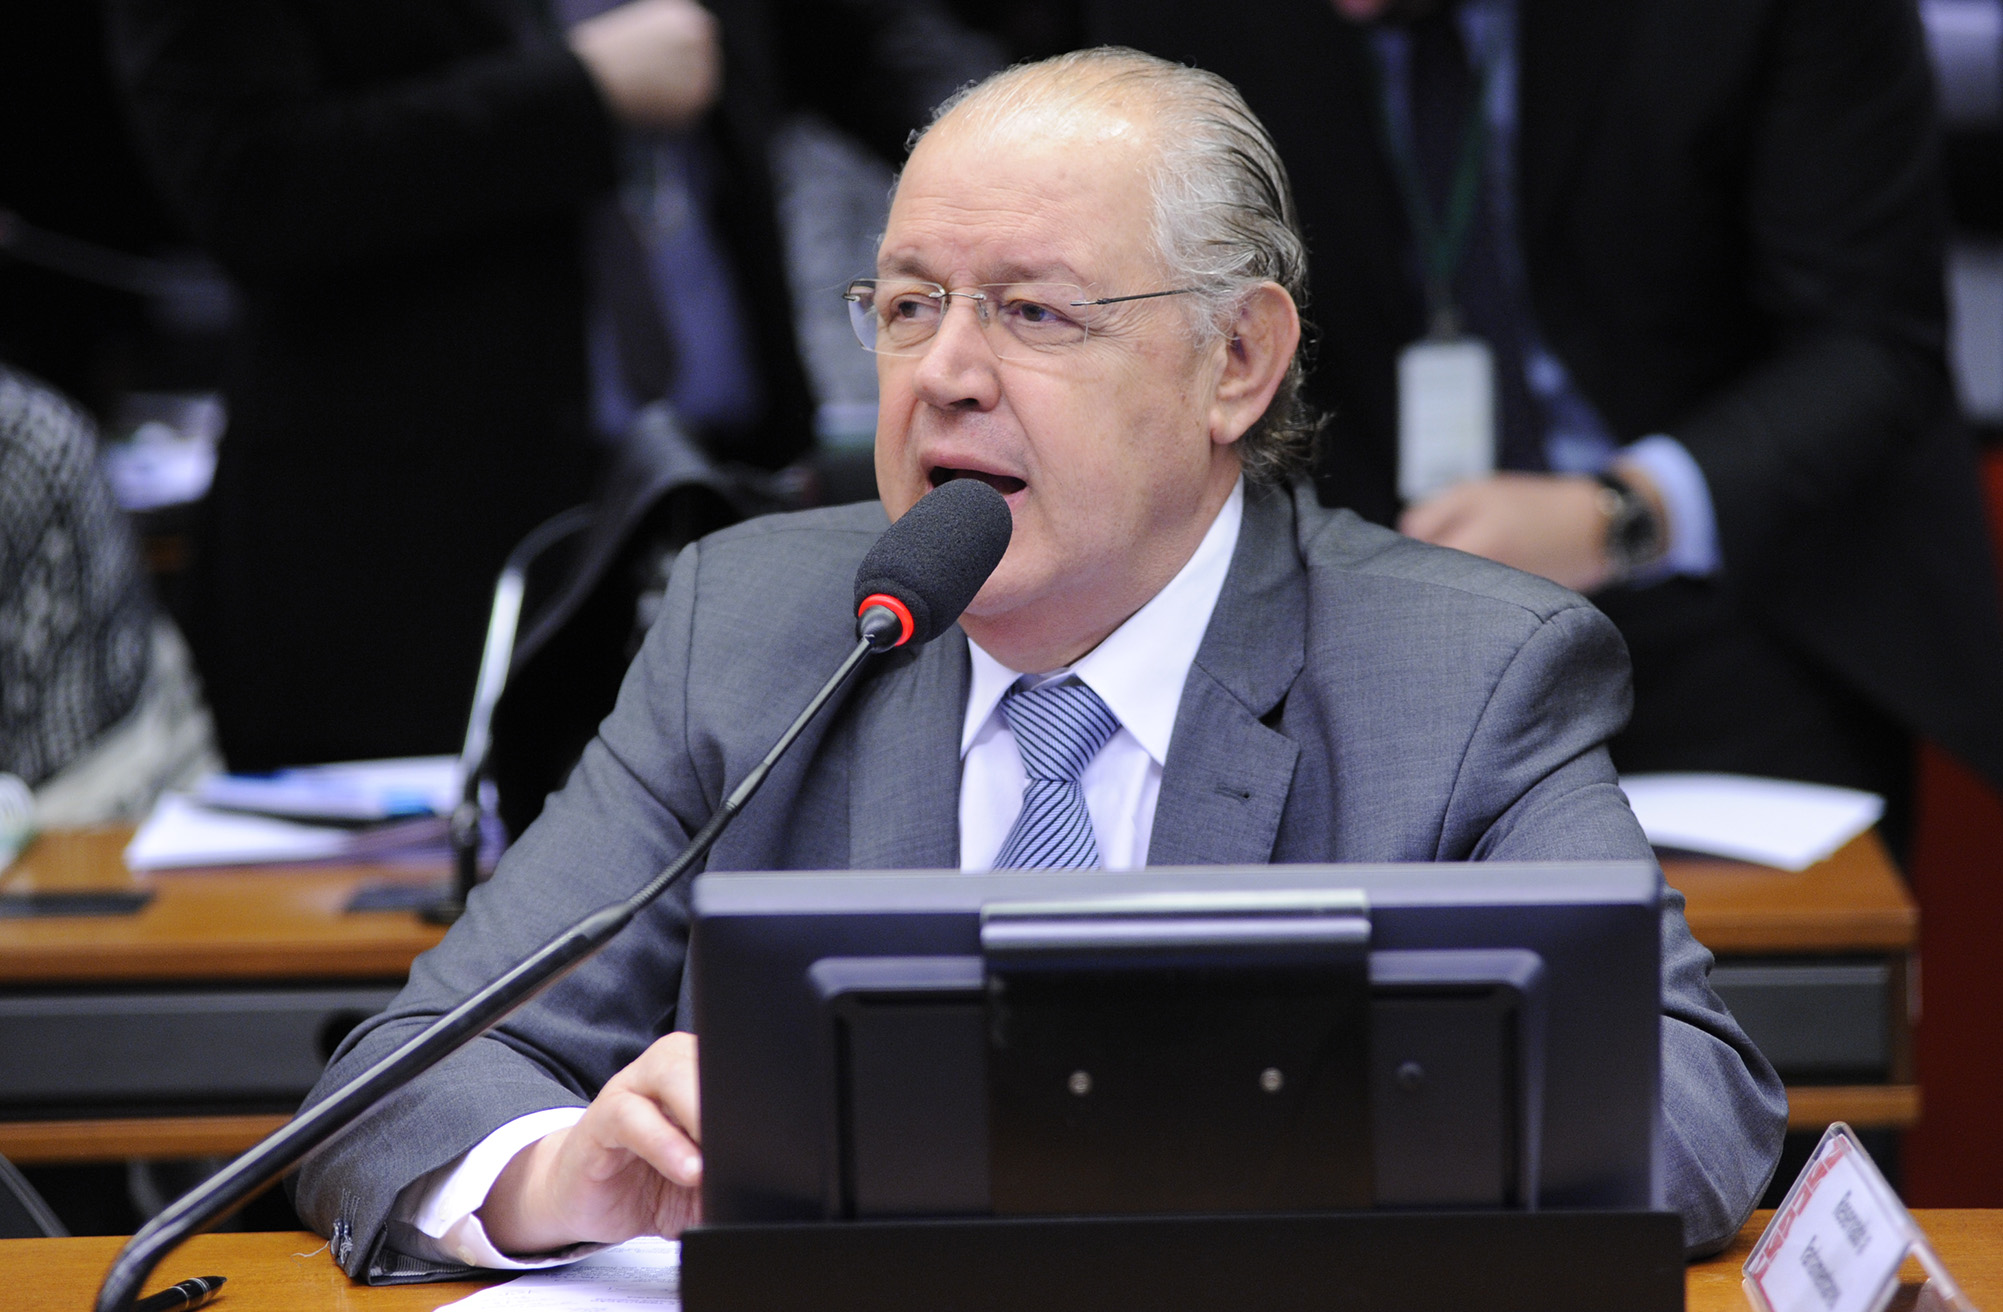 Reunião Ordinária. Dep. Luiz Carlos Hauly (PSDB-PR)